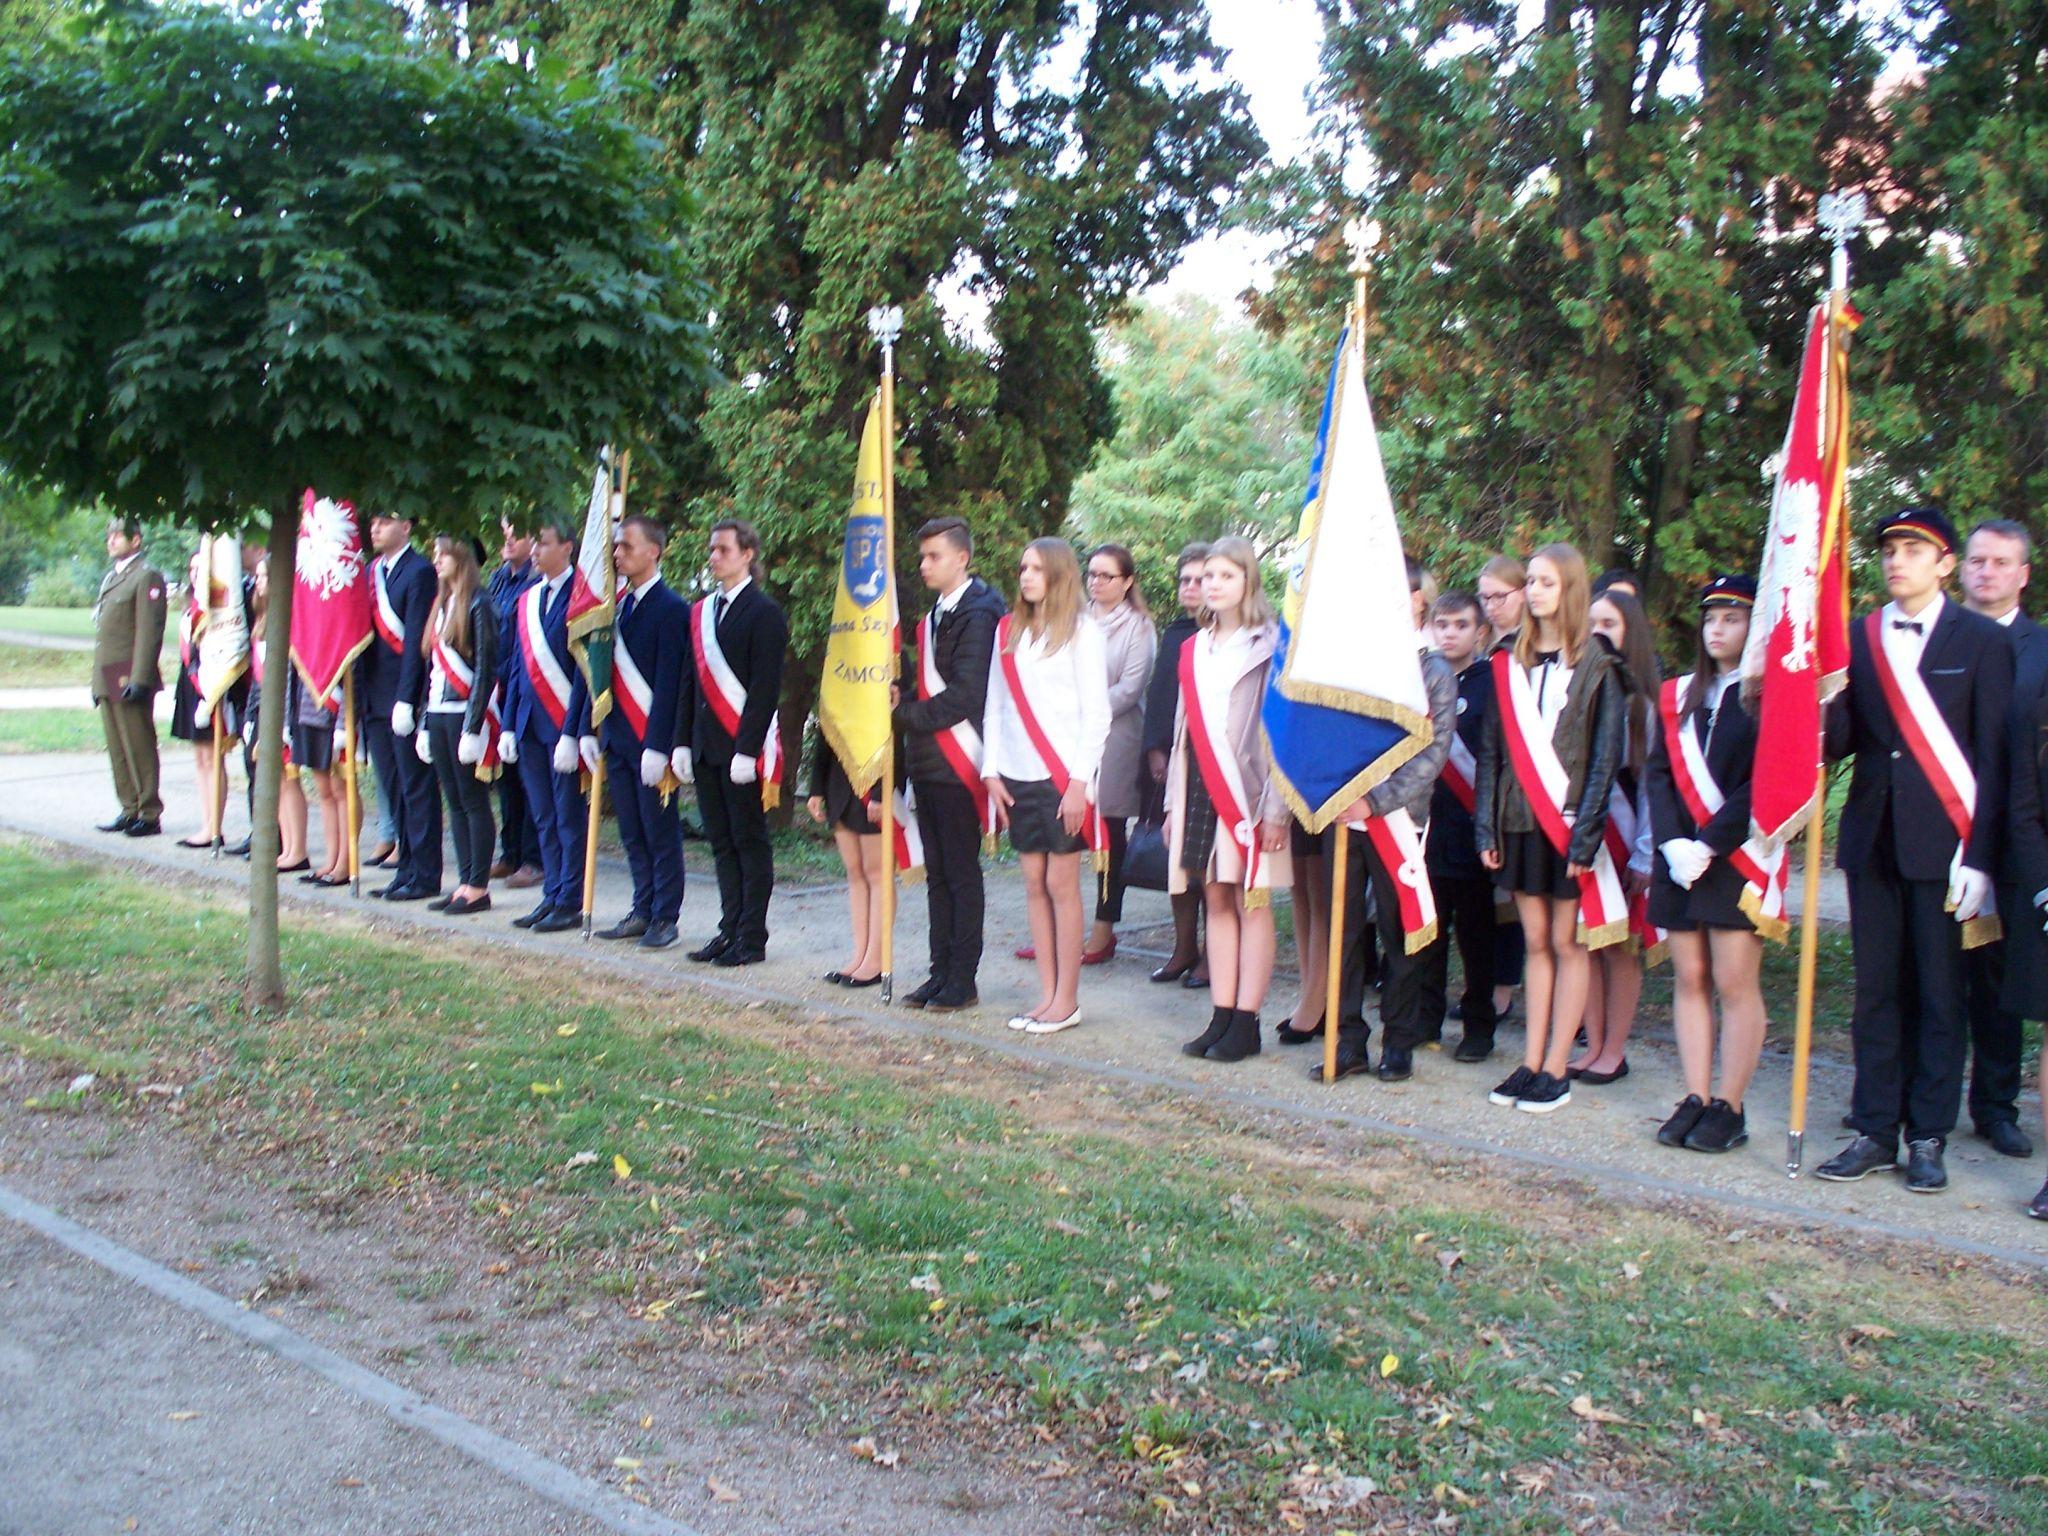 100 9669 Zamość: Obchody 80. rocznicypowstania Polskiego Państwa Podziemnego [ZDJĘCIA]